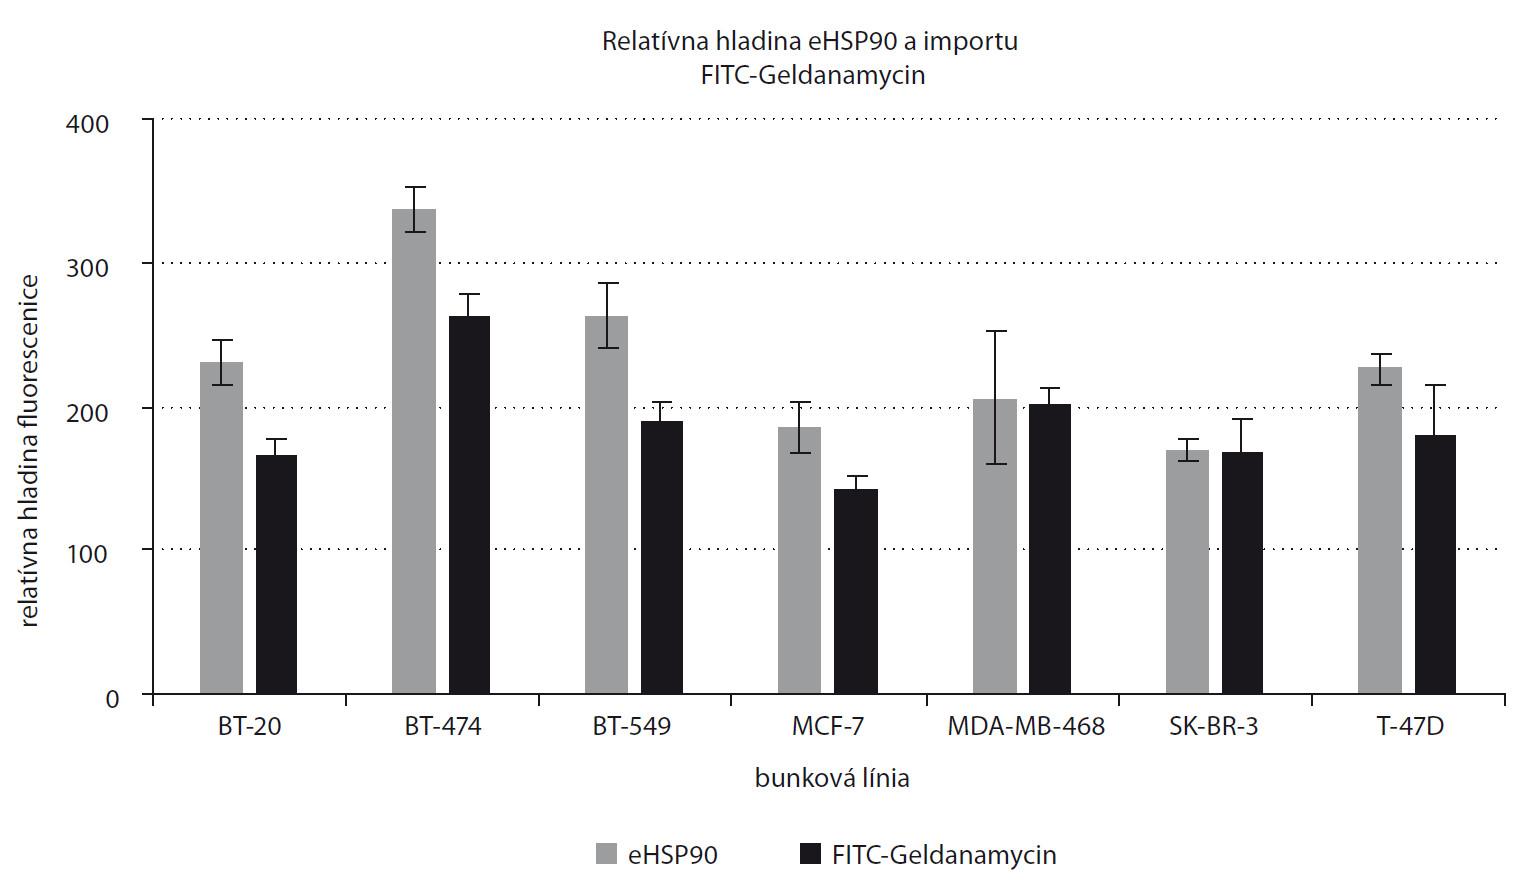 Relatívna hladina na membráne lokalizovaného HSP90 a importu 5 μM FITC-Geldanamycin po 1 hod inkubácii na bunkových líniách karcinómu prsníka.